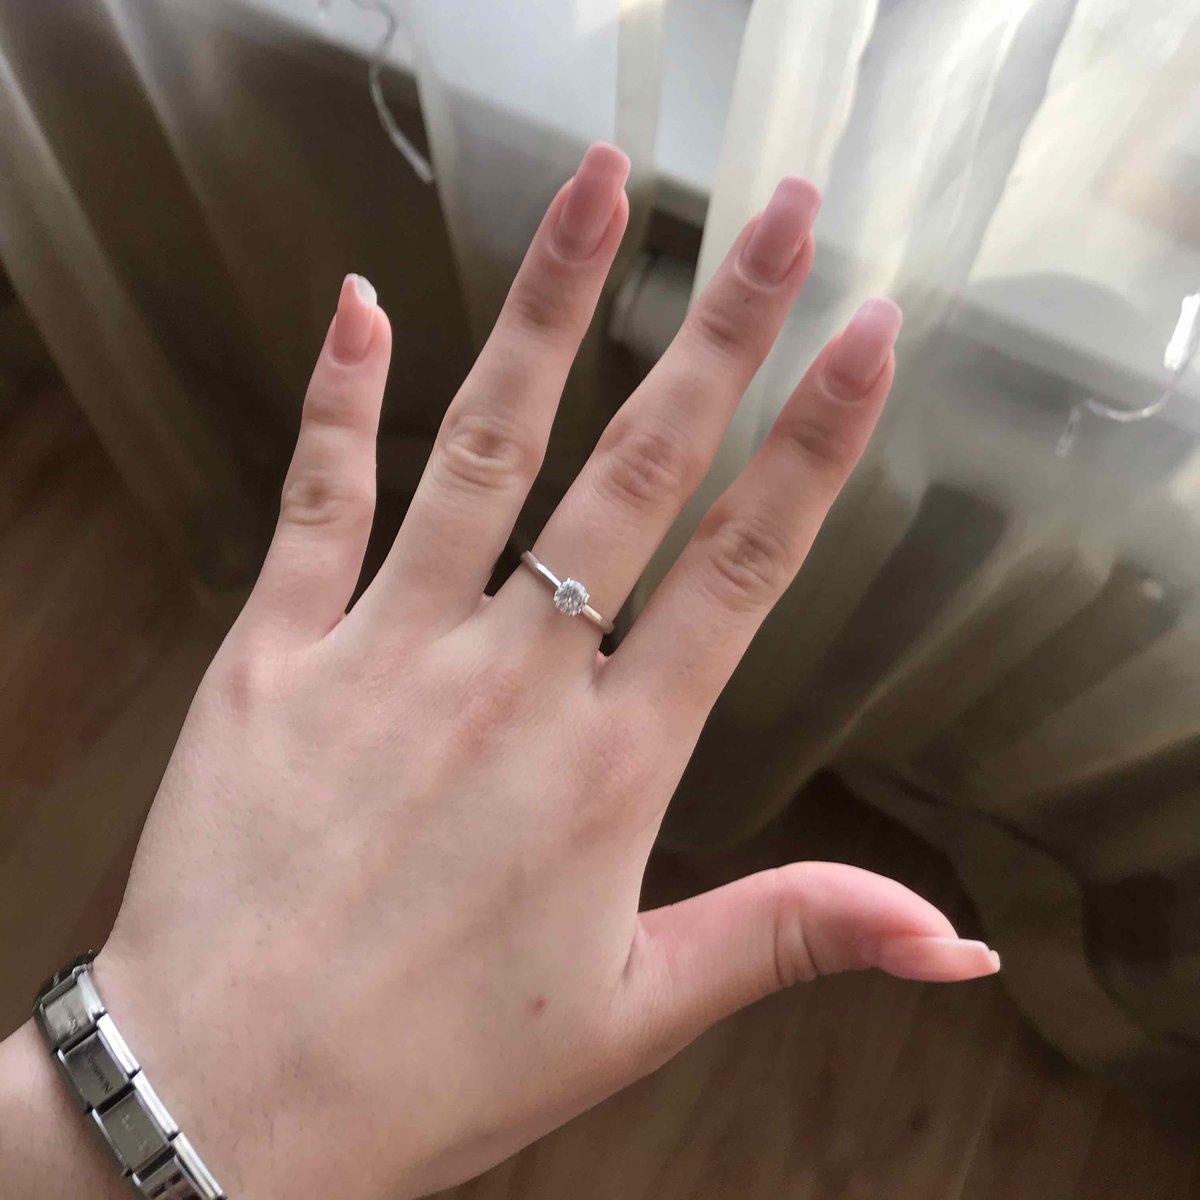 Кольцо шикарное,выглядит очень аккуратно)